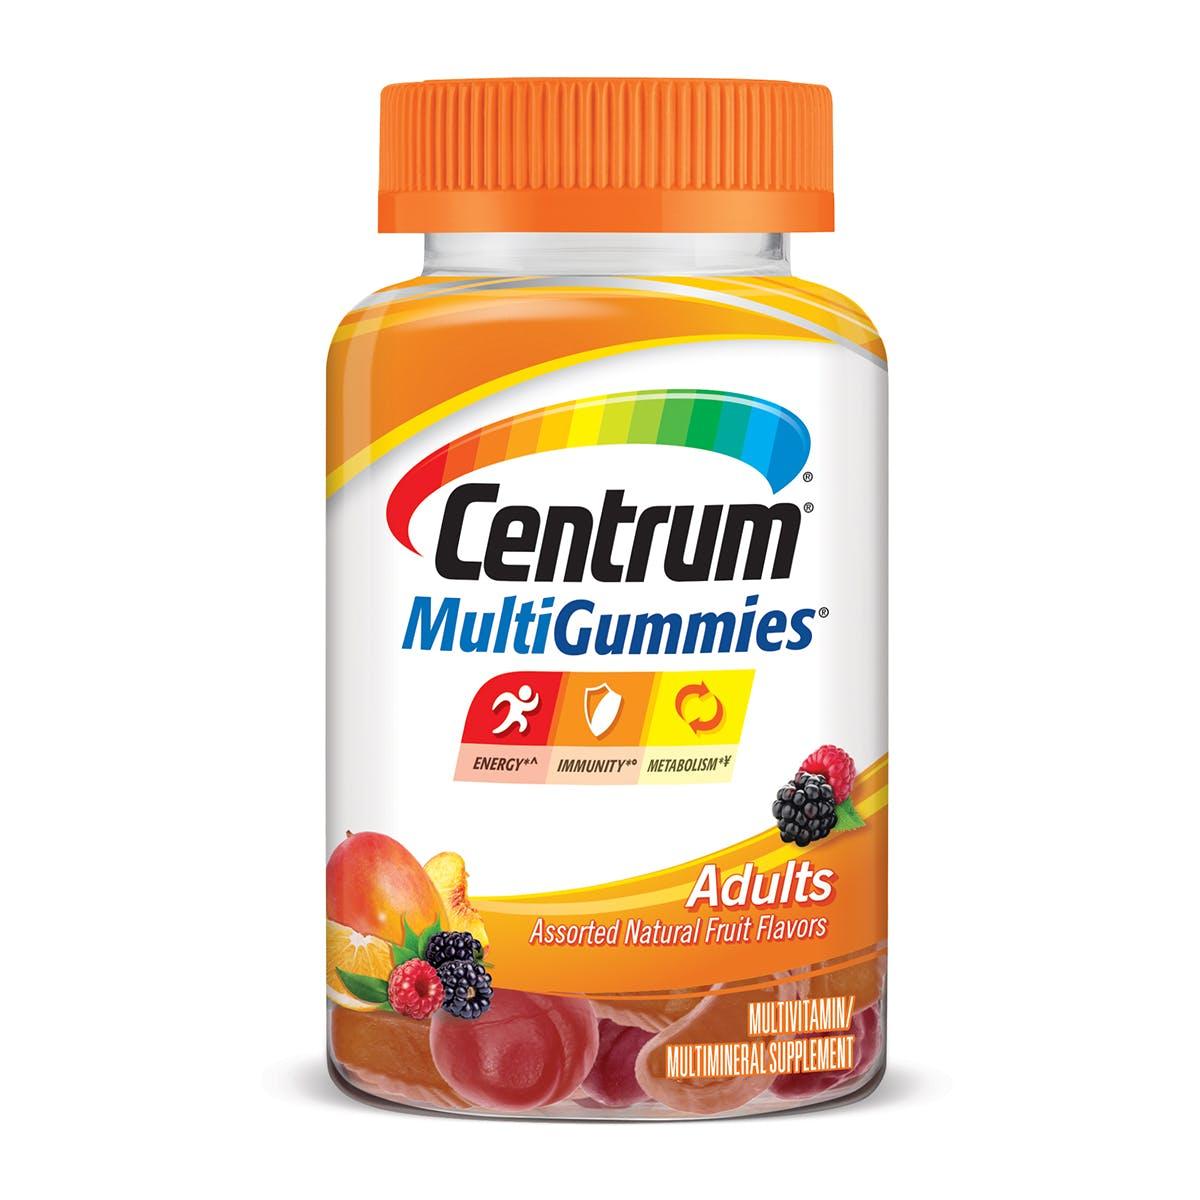 Bottle of centrum MultiGummies adult vitamins